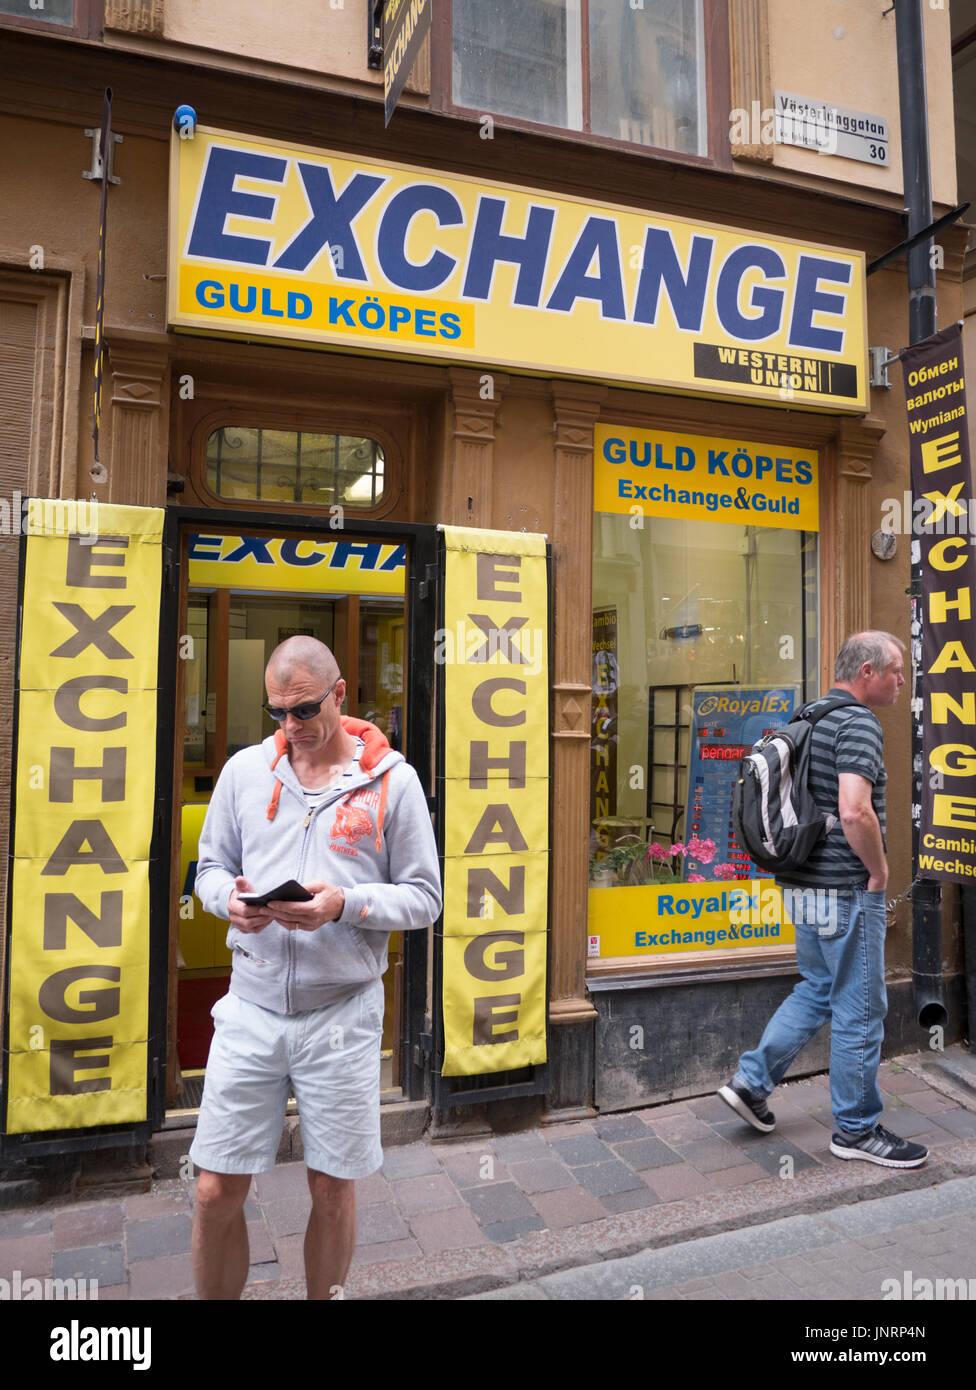 Forex exchange sweden